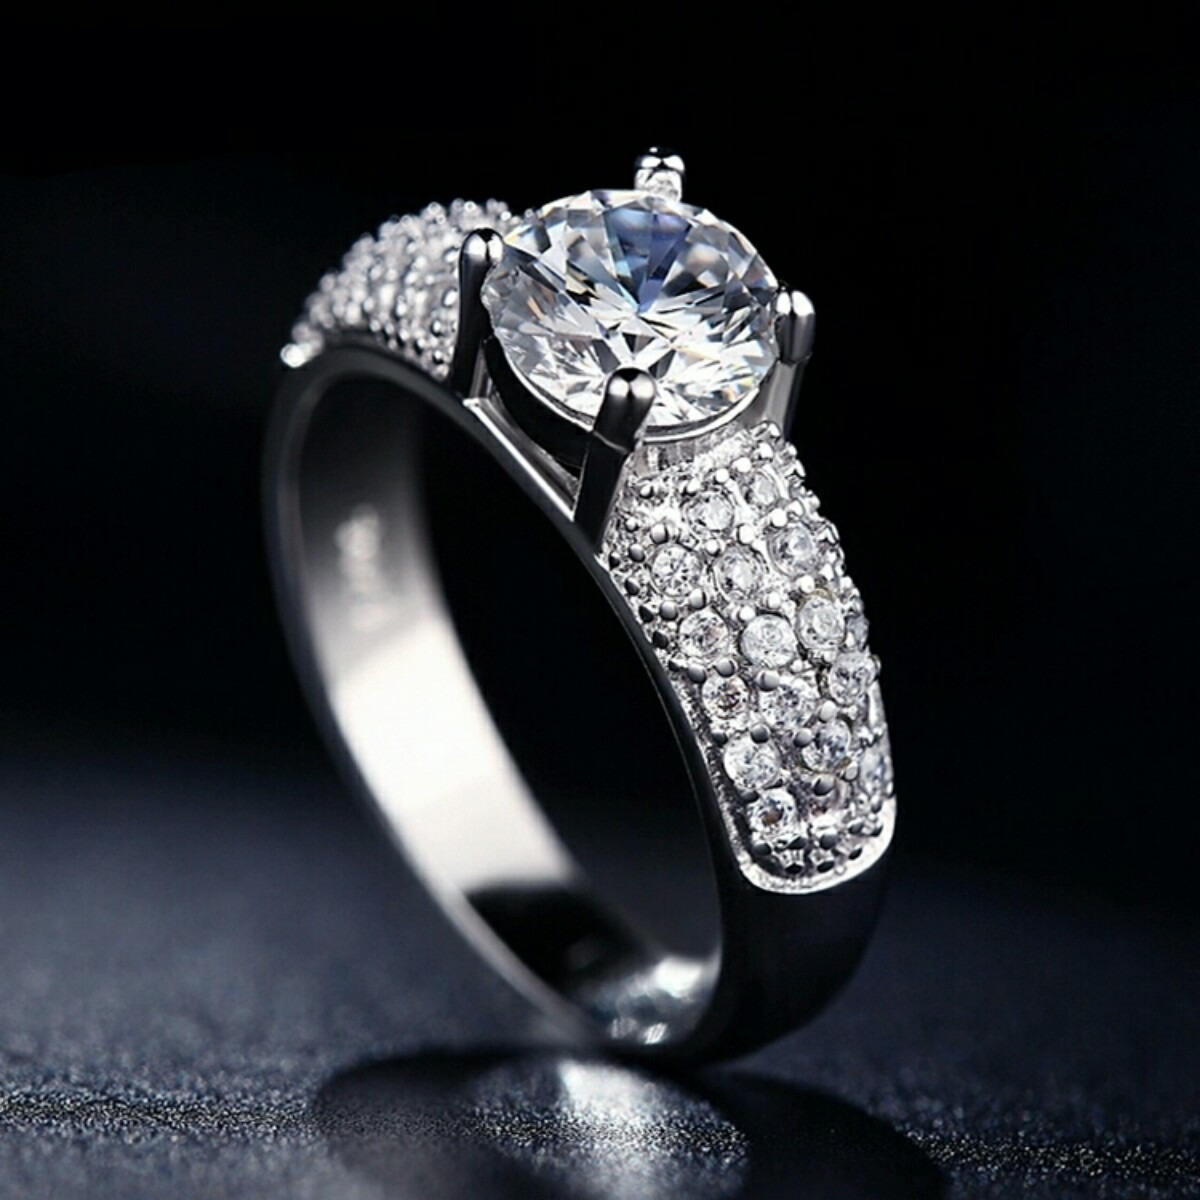 0bbef838b7e3 anillo de compromiso boda aniversario oro 18k con cristal. Cargando zoom.